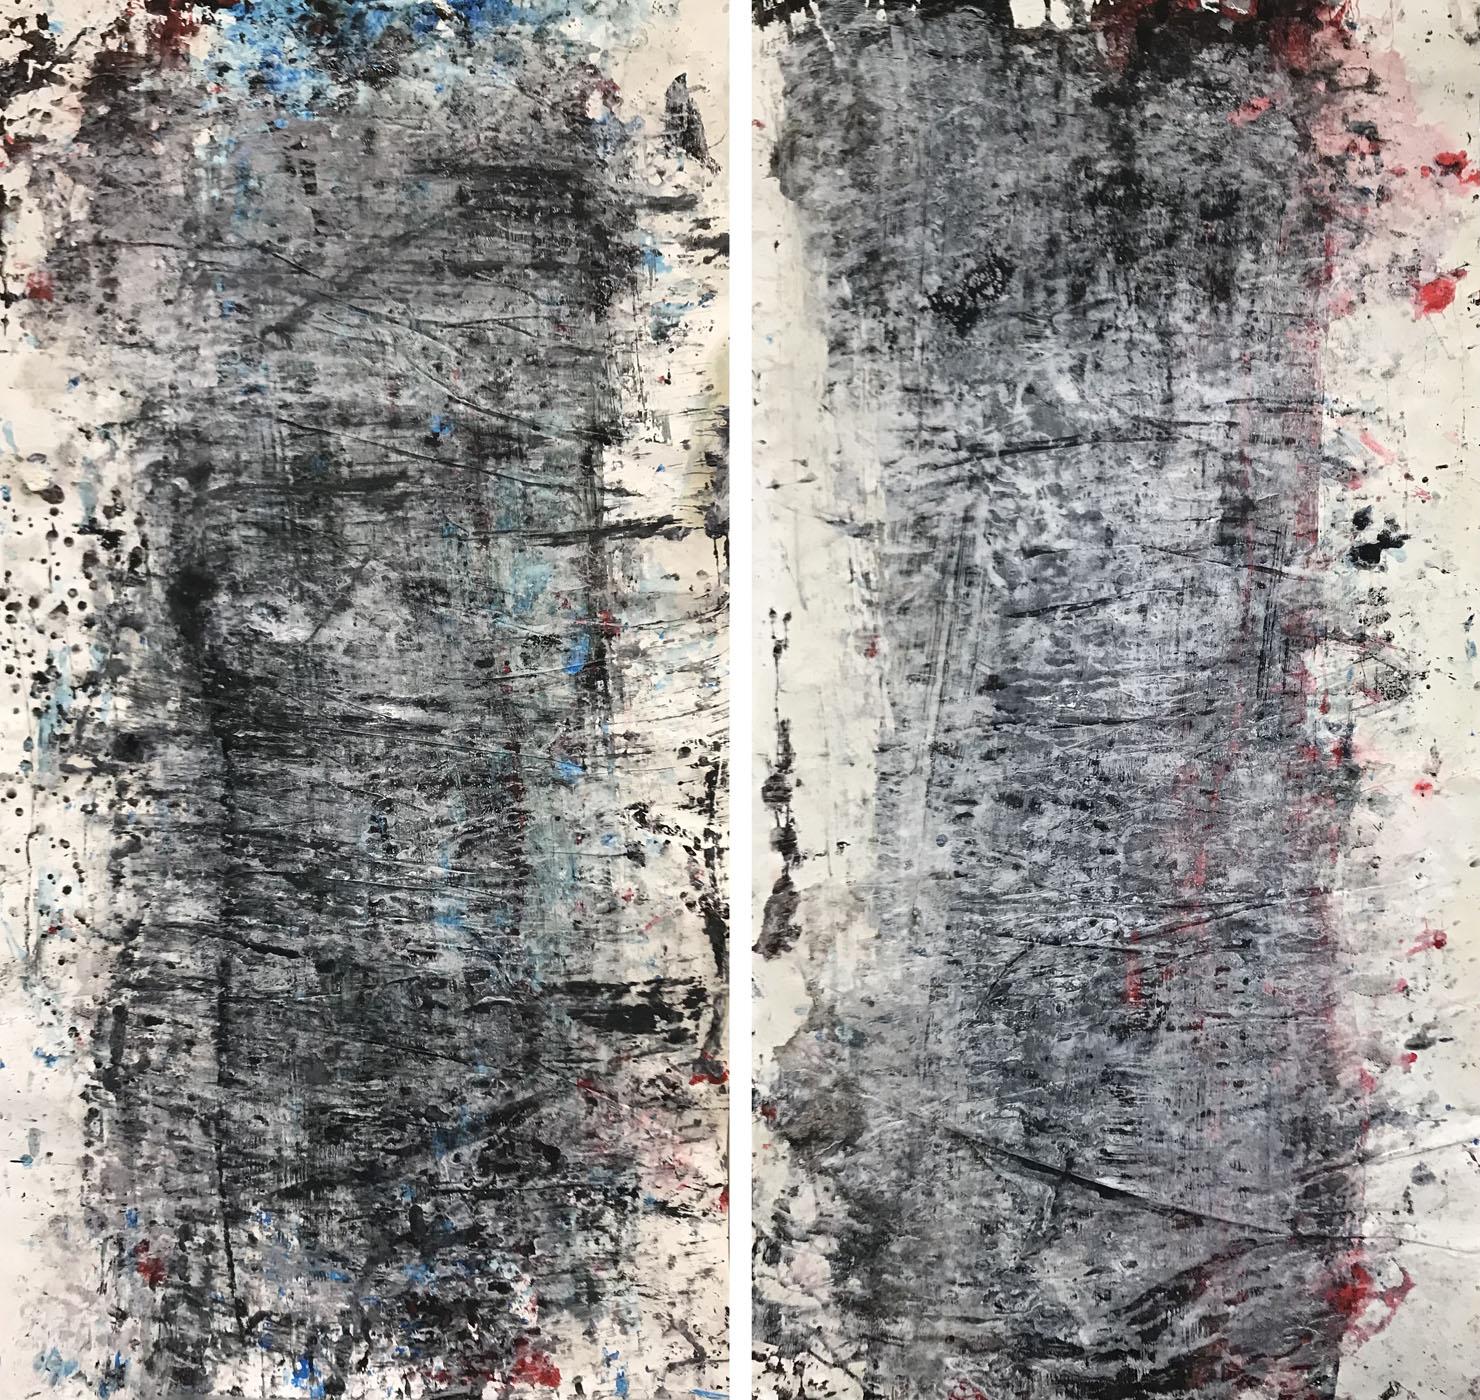 'MARC FELD 2021 VOIR-ENTREVOIR (dyptique) Huile, acrylique et gouache sur papier 150 x 166 cm